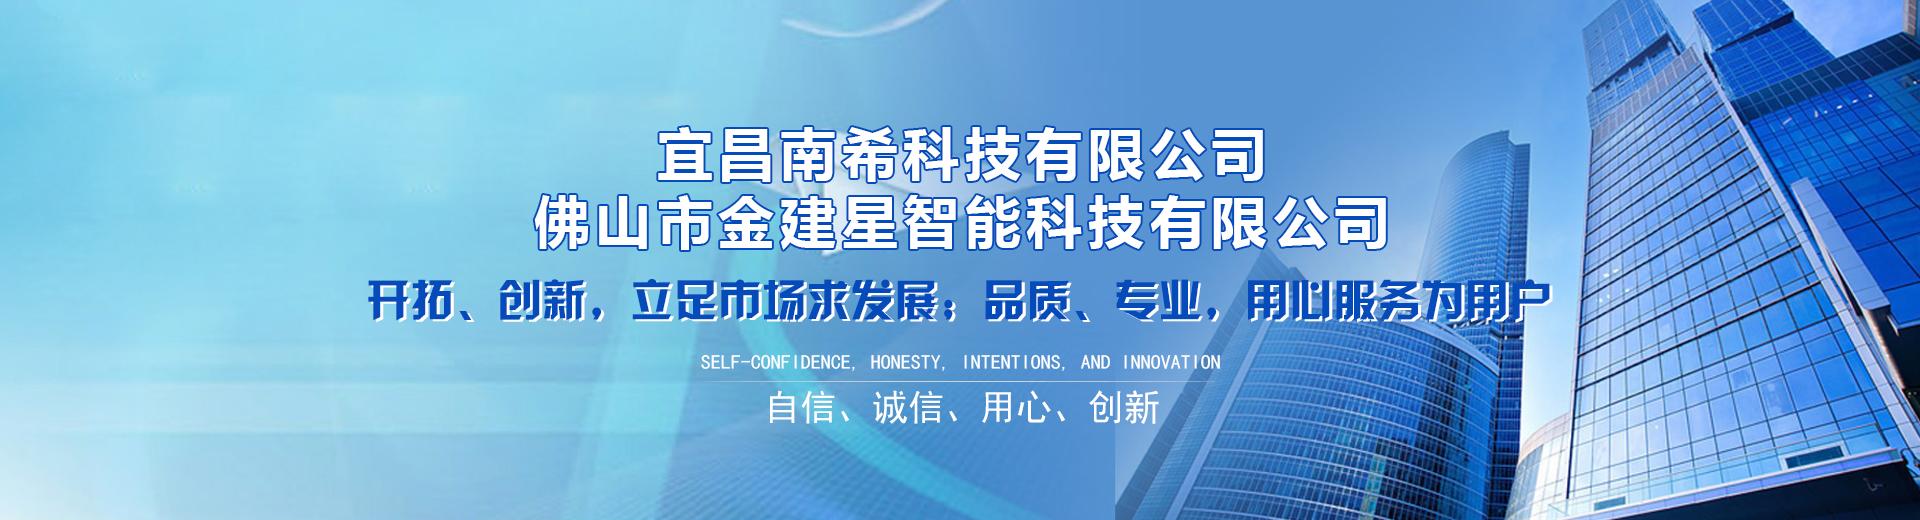 宜昌停车场系统服务公司